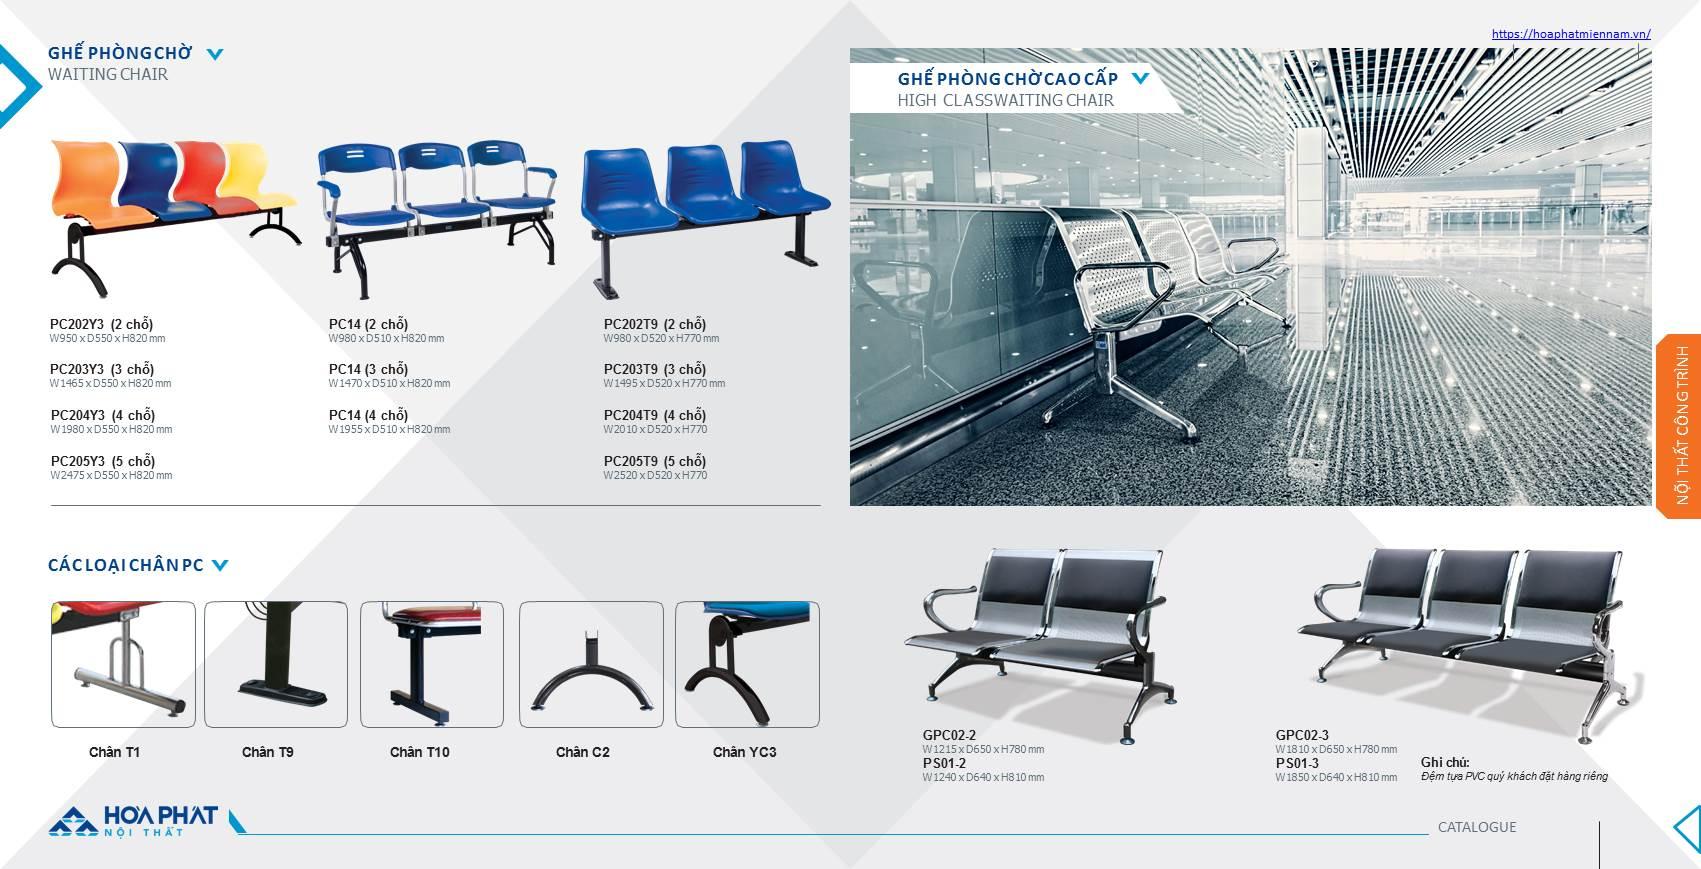 Catalogue ghế phòng chờ Hòa Phát